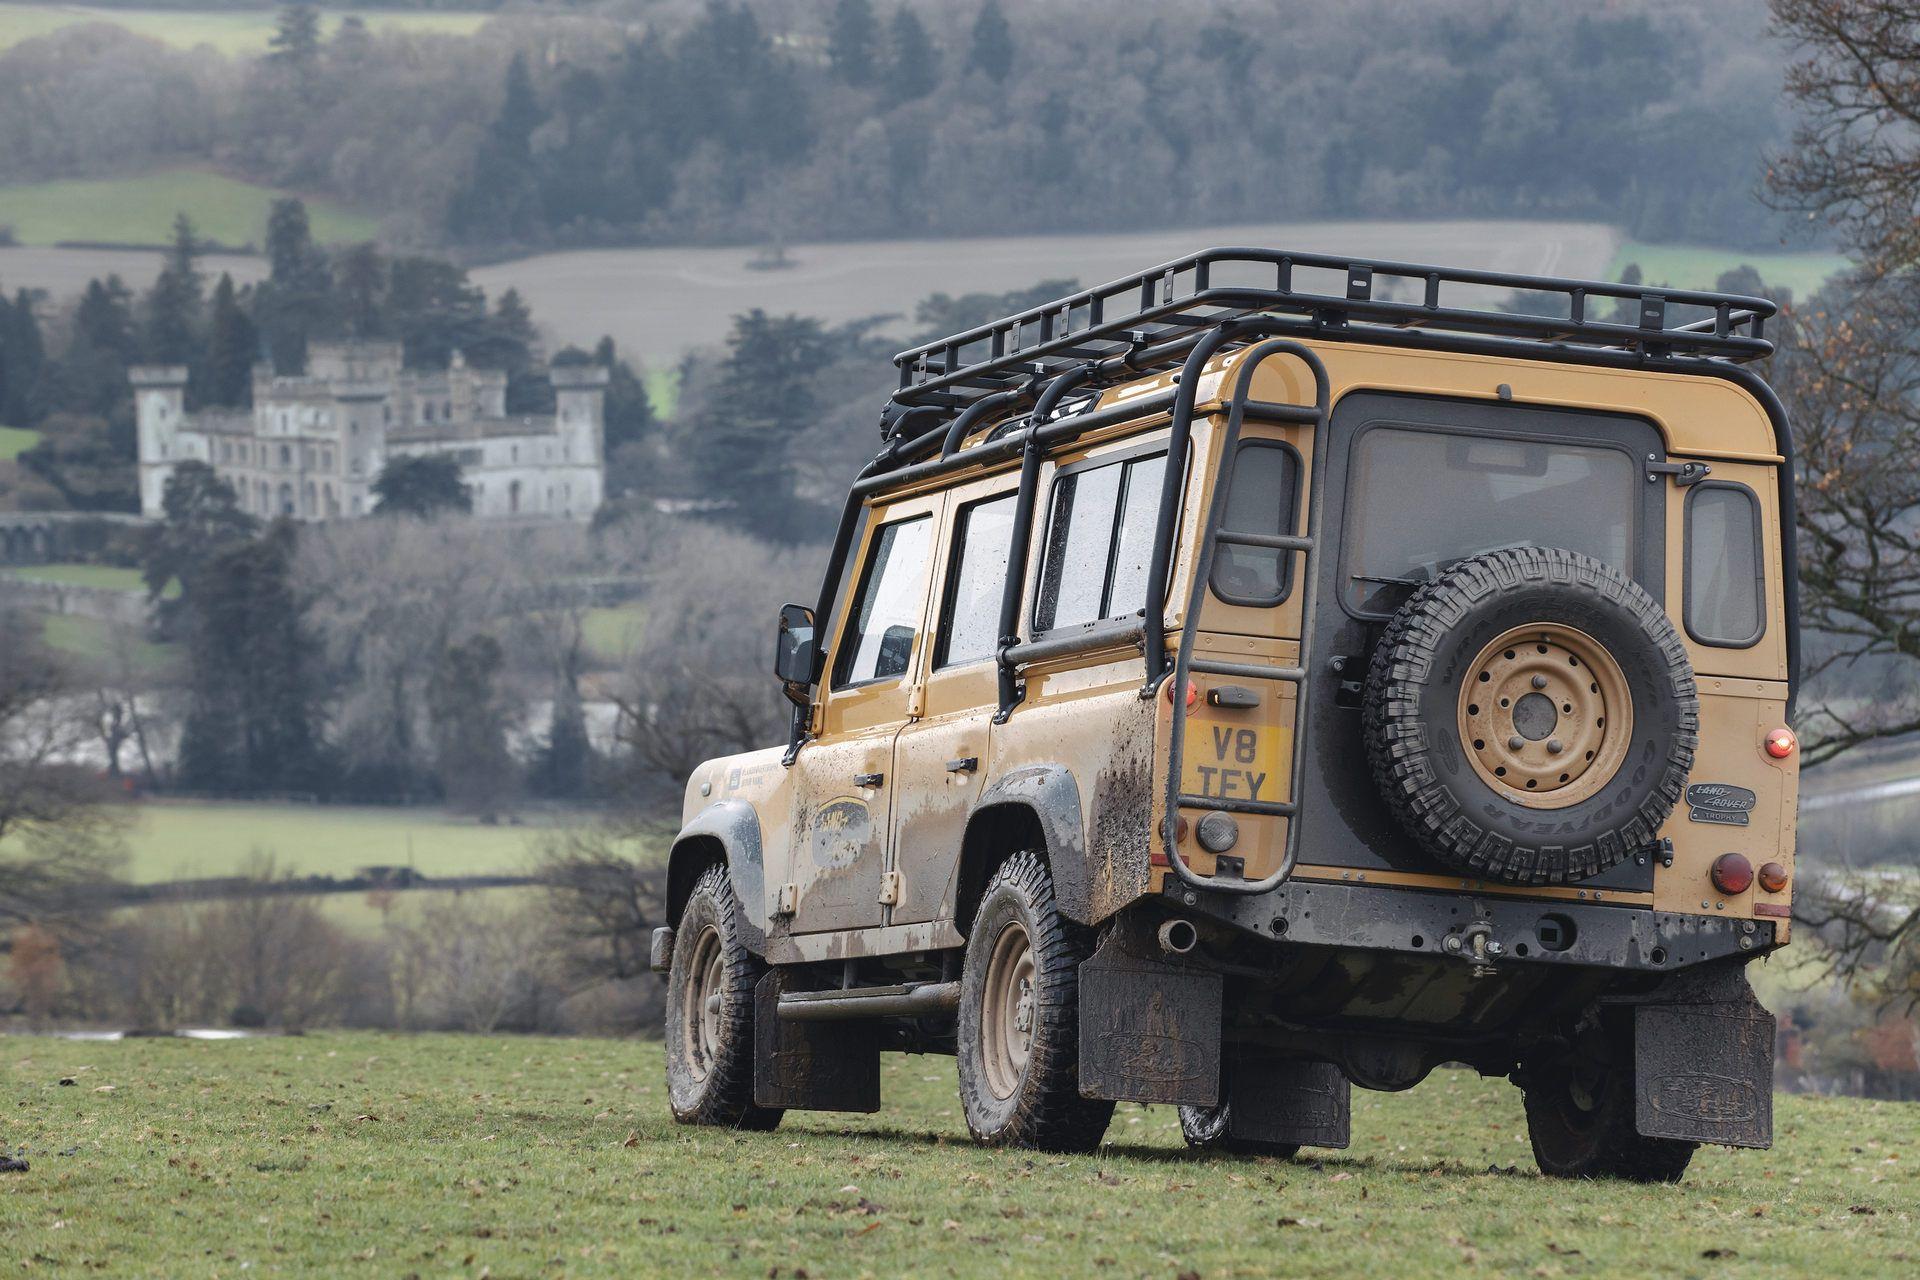 Land-Rover-Defender-Works-V8-Trophy-29